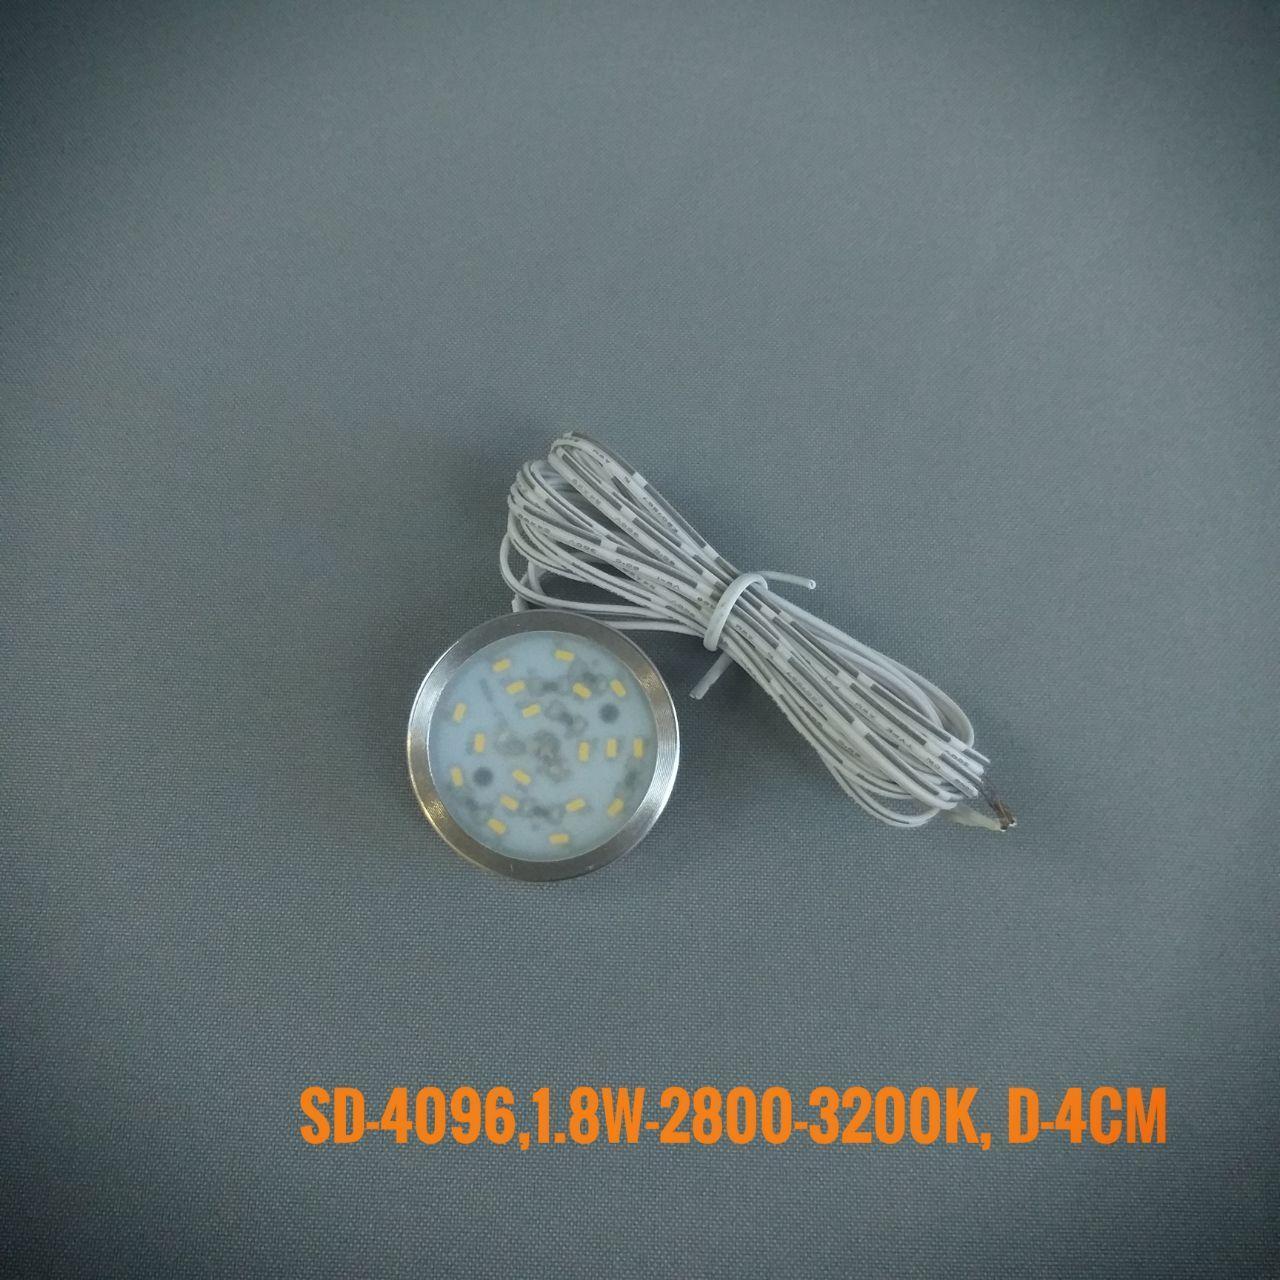 Мебельный встраиваемый светильник круг SD-4096